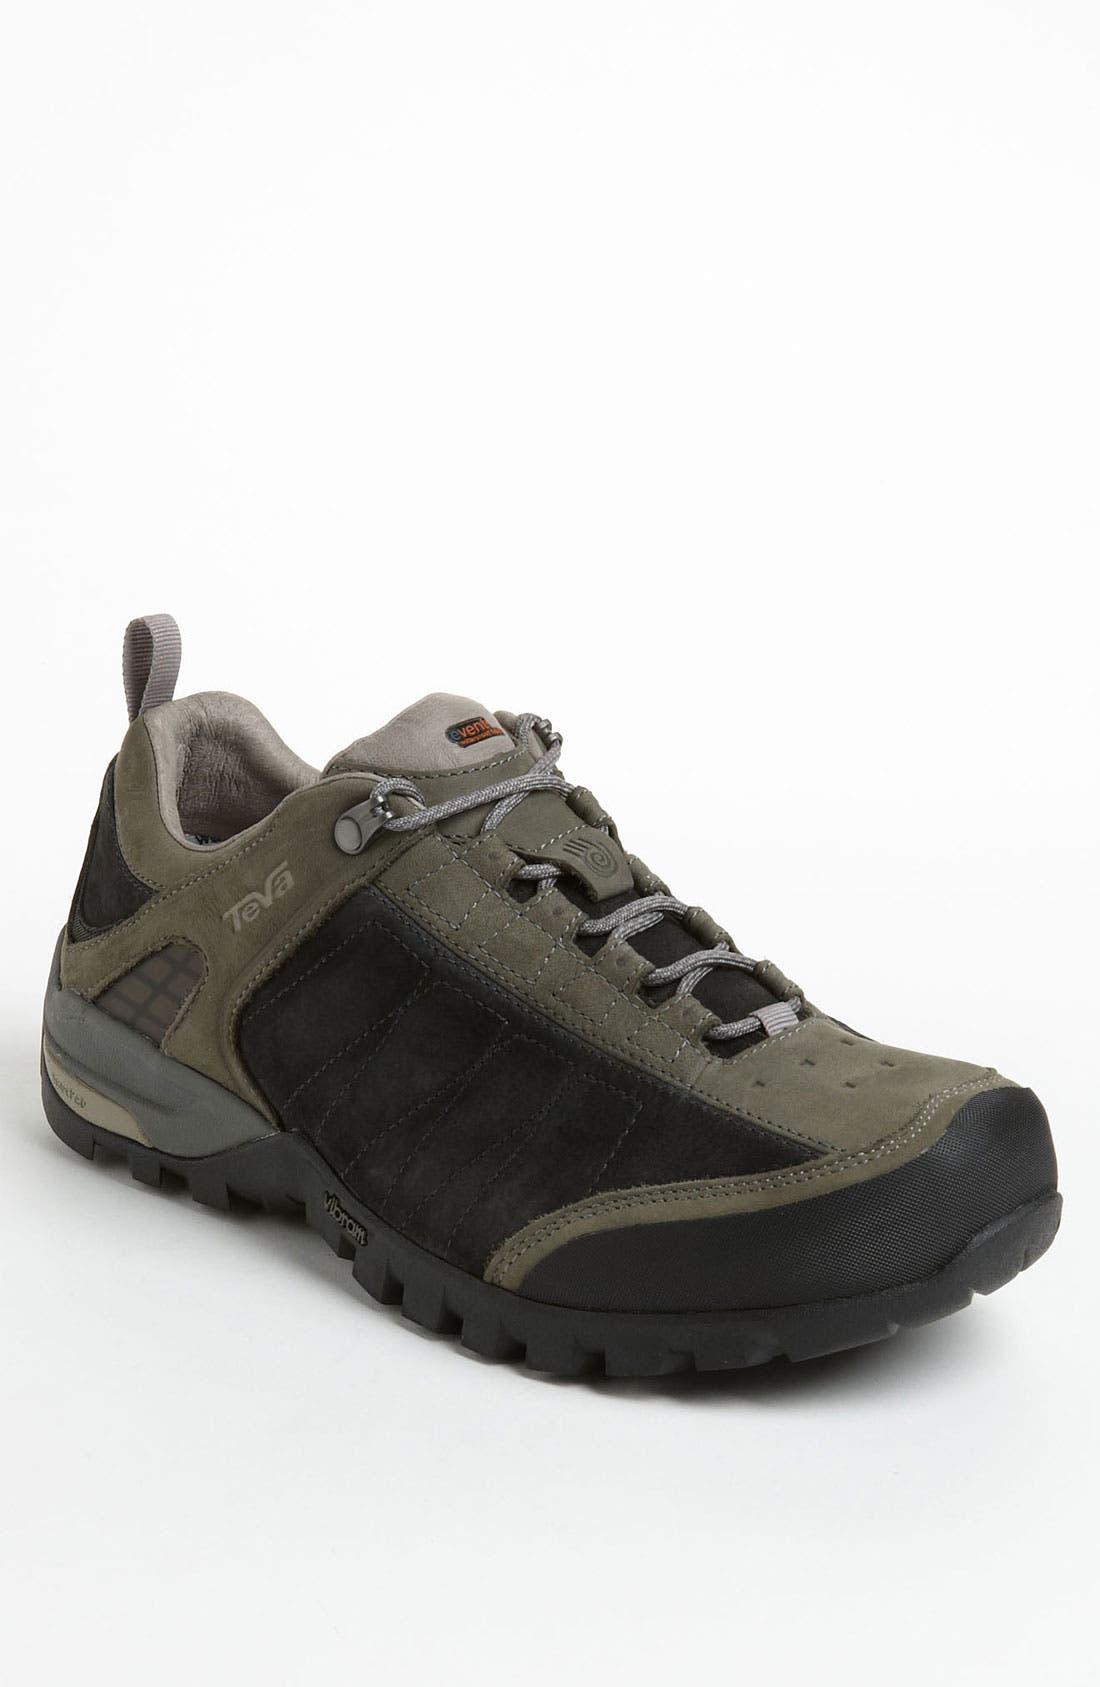 Main Image - Teva 'Riva eVent®' Hiking Shoe (Men)